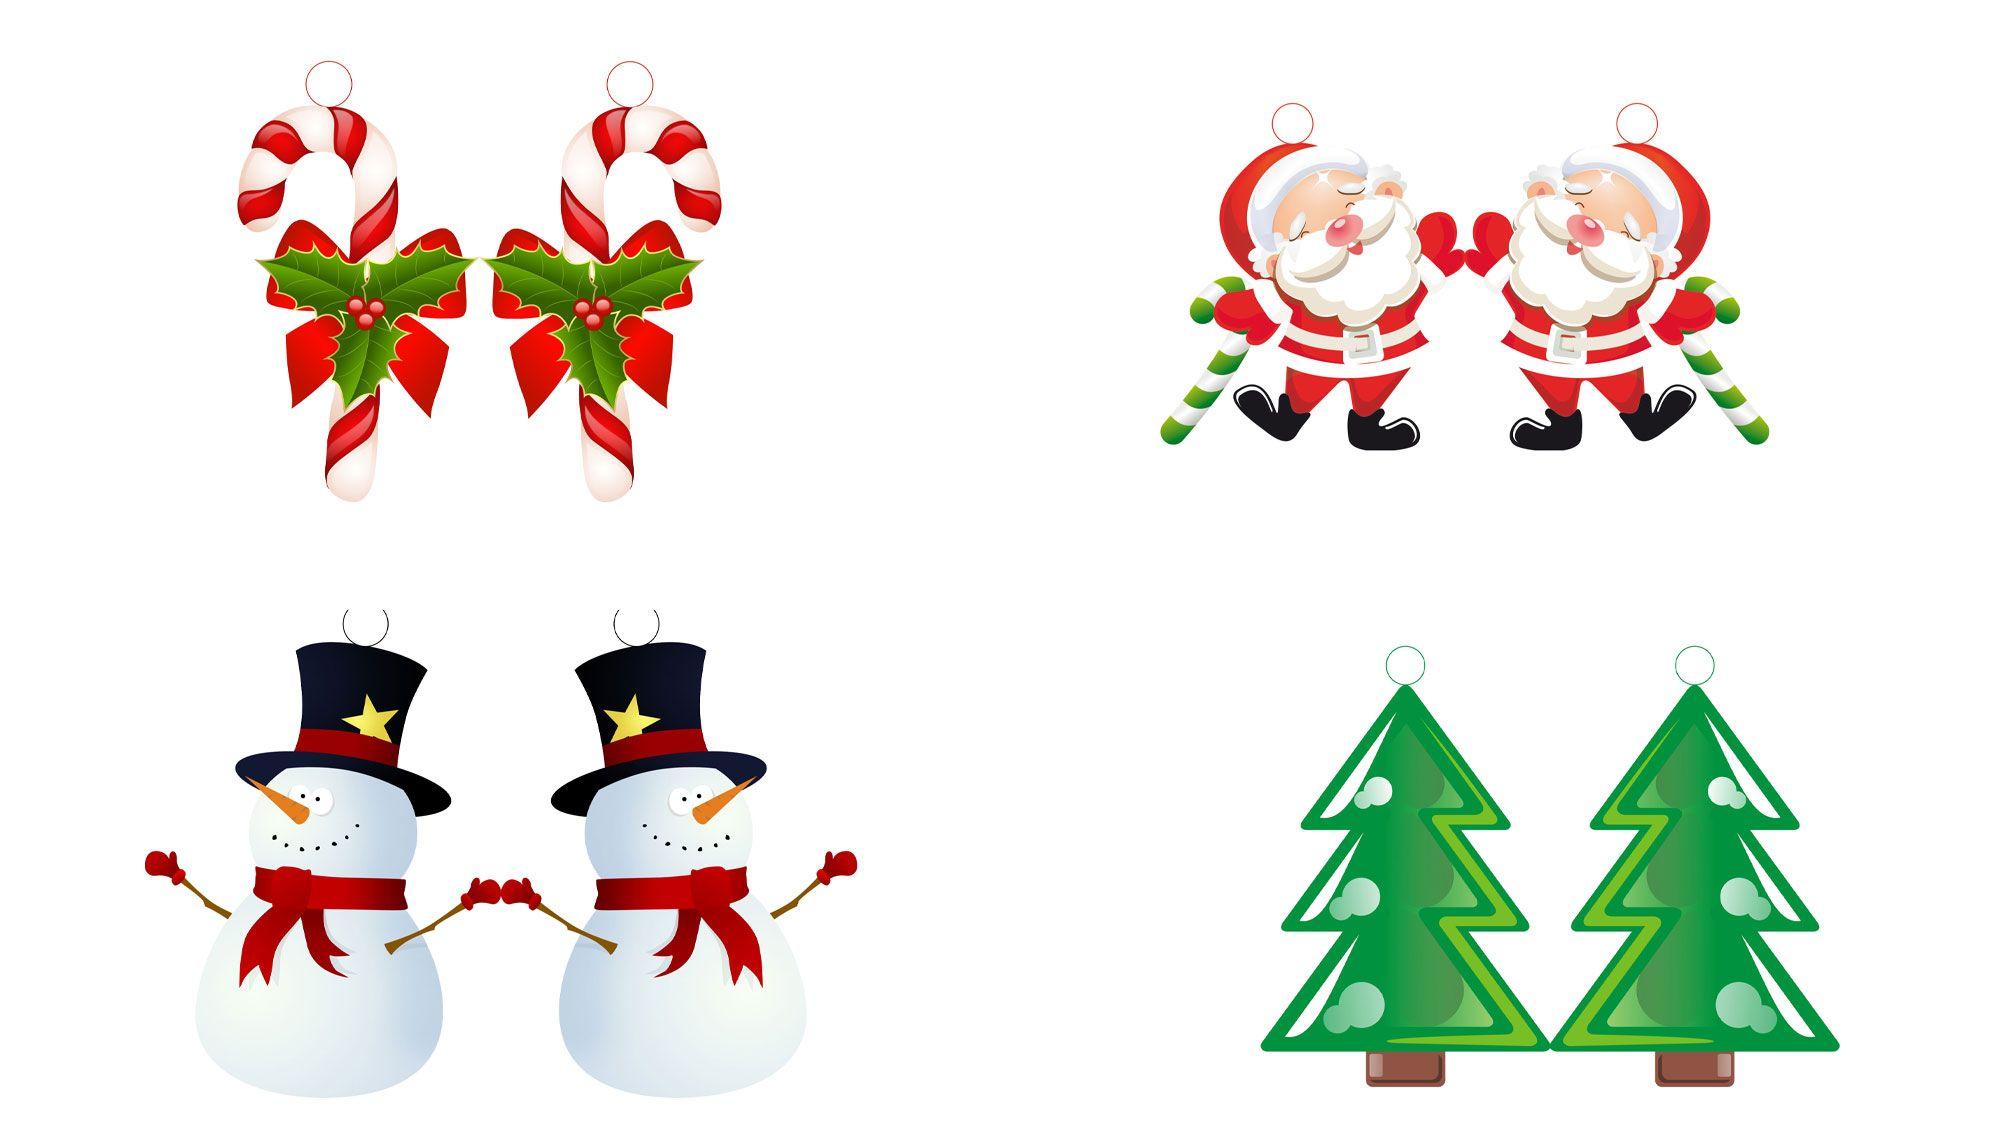 Décorations en papier ou en carton pour le sapin de Noël